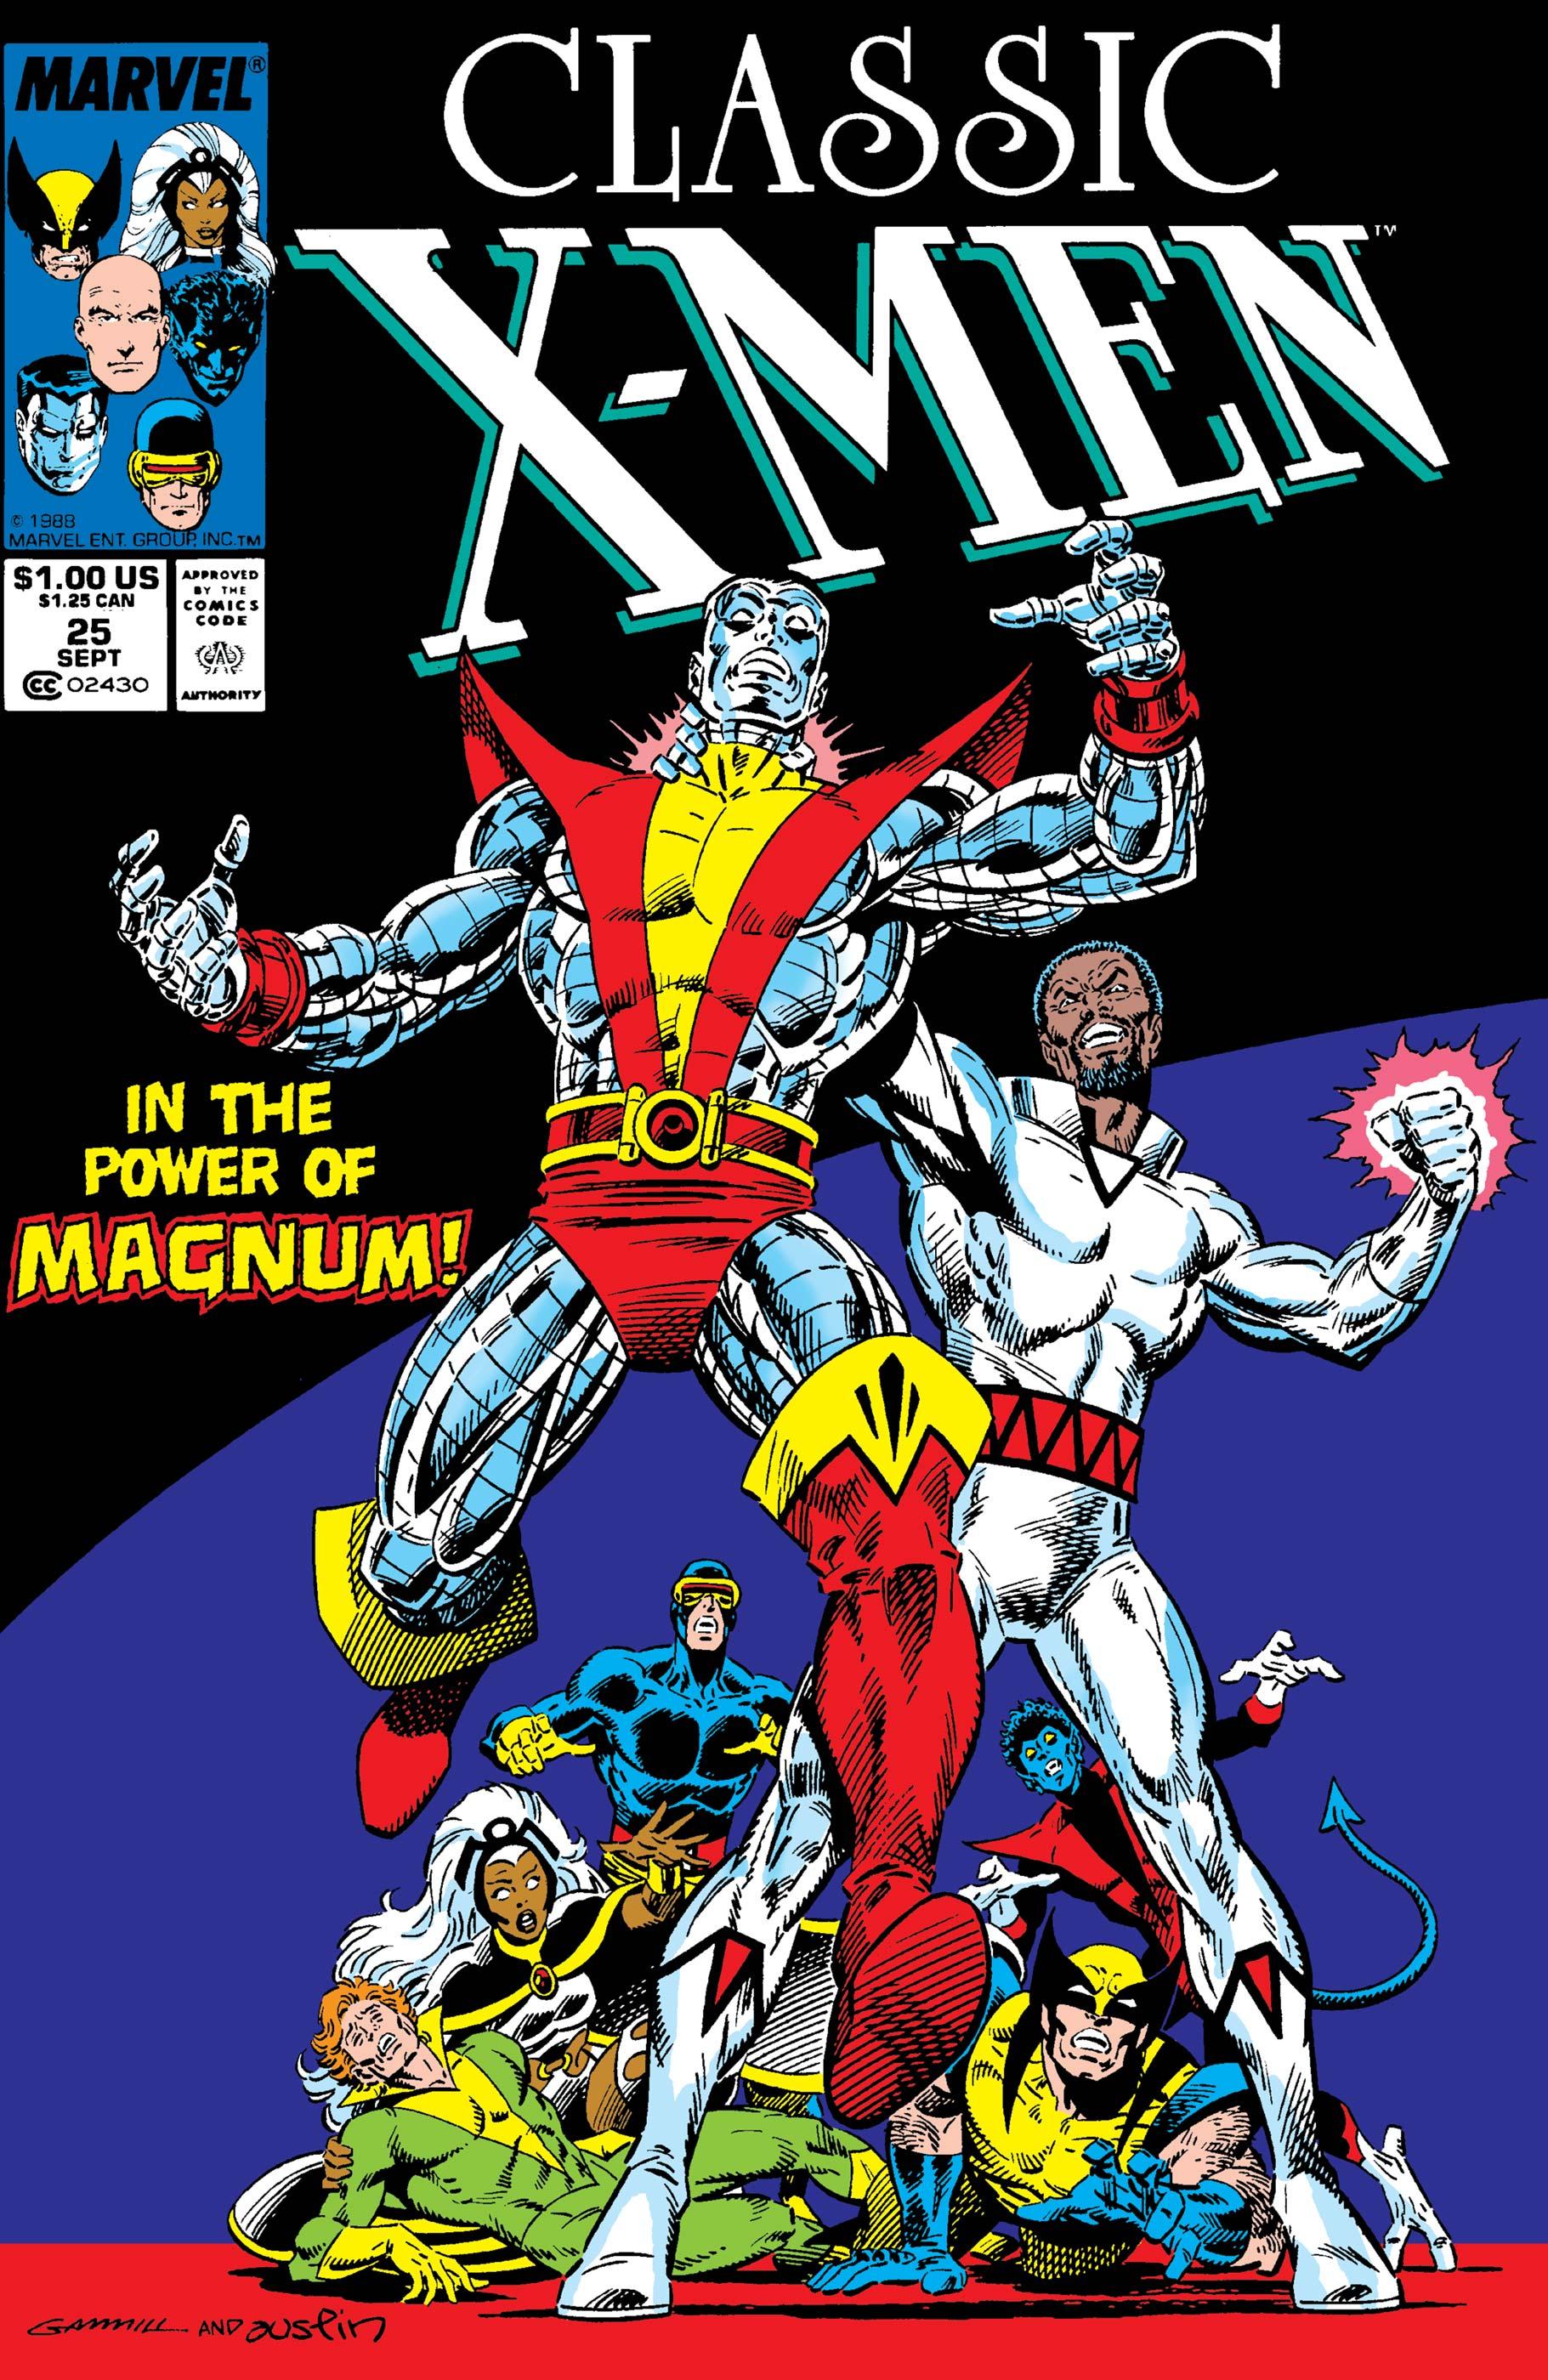 Classic X-Men (1986) #25